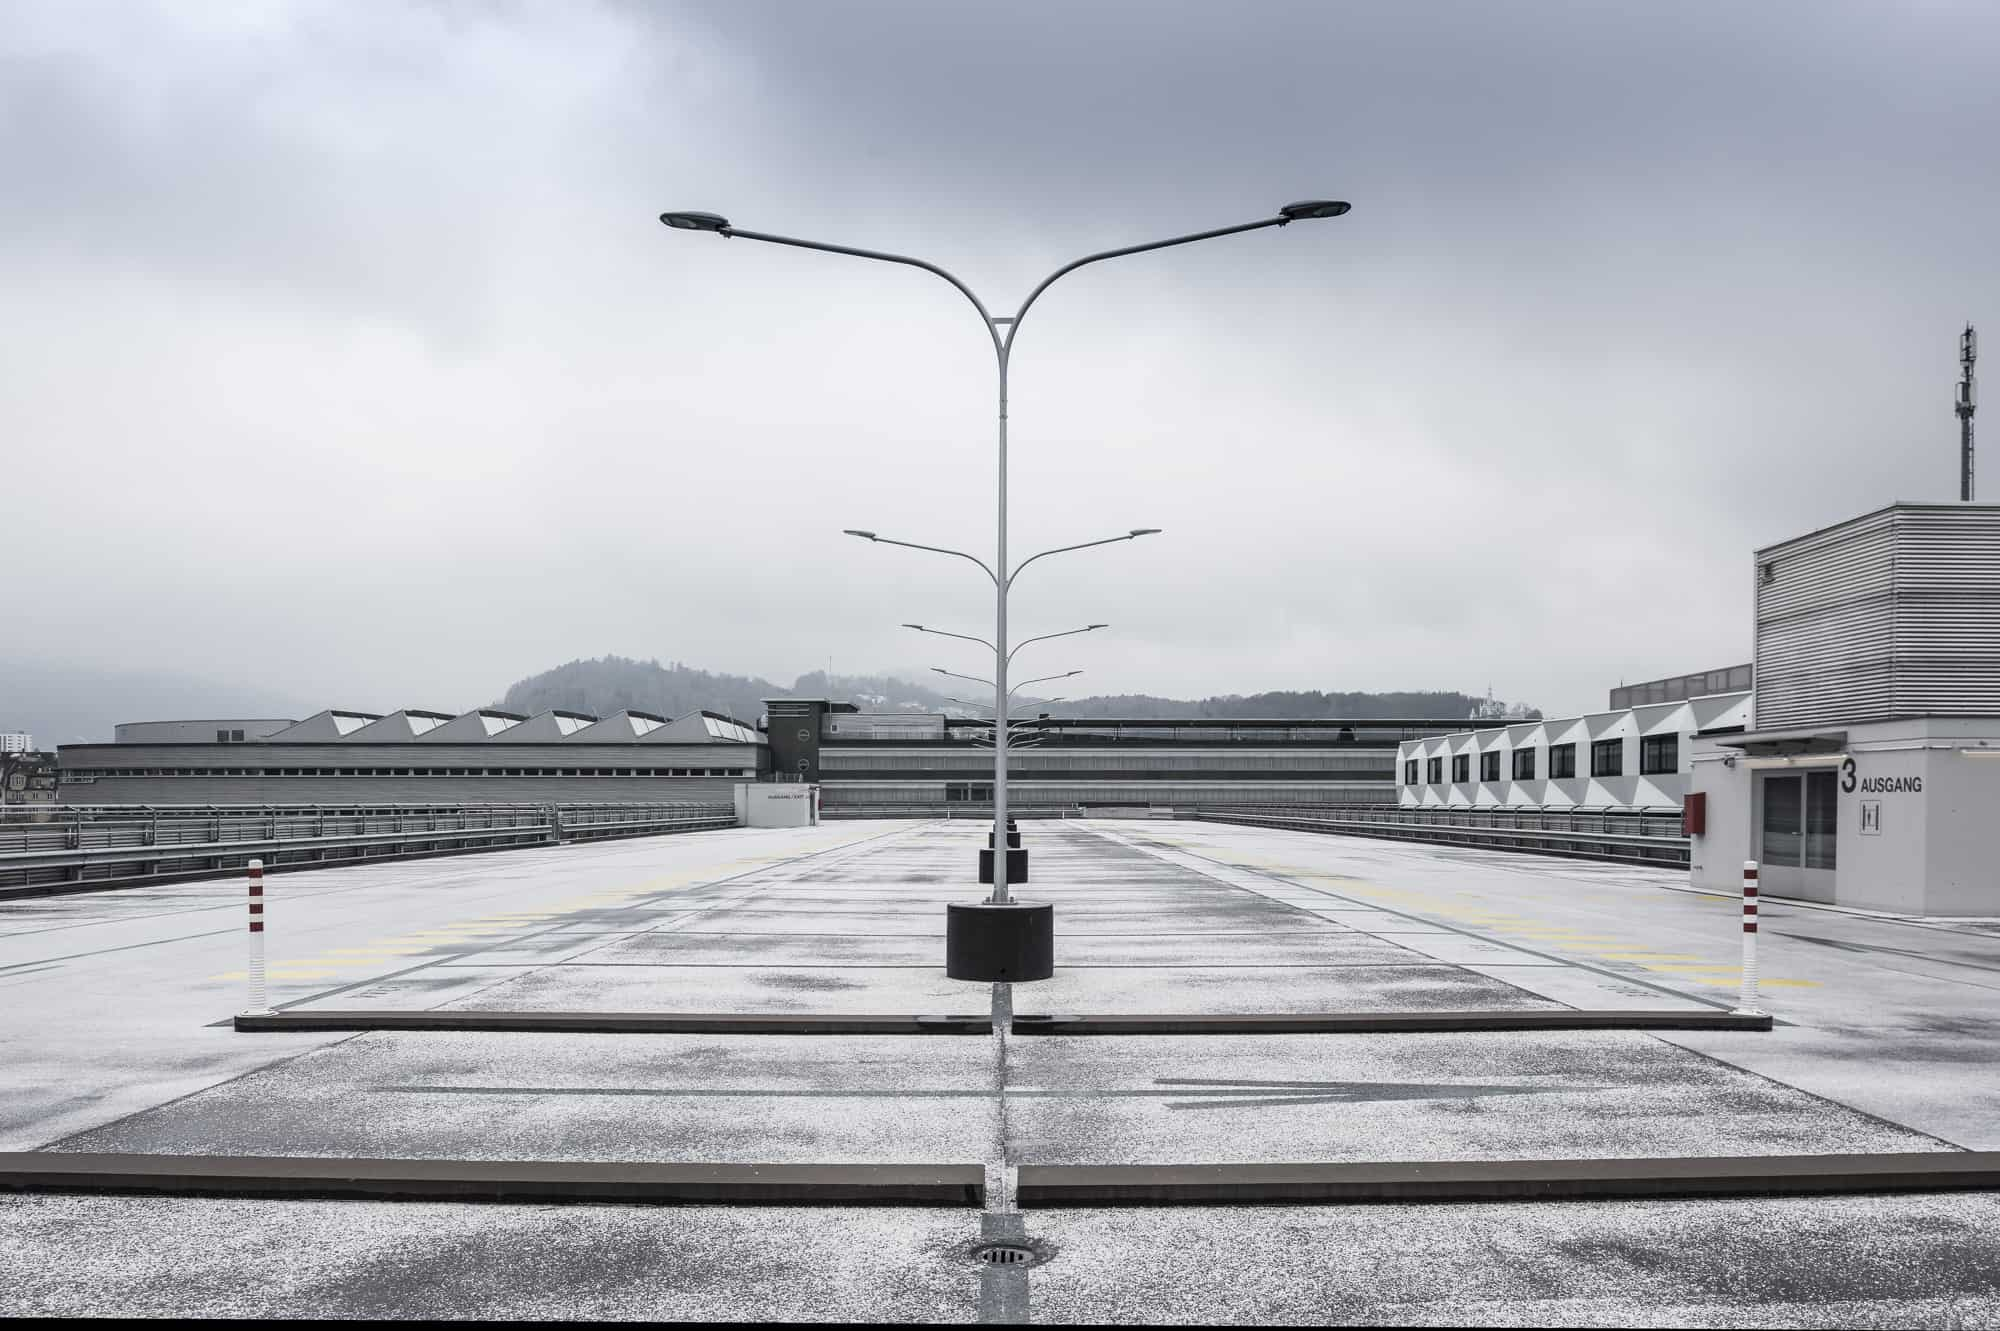 Parking Luzern Architekturfotografie Architektur Markus Lehner